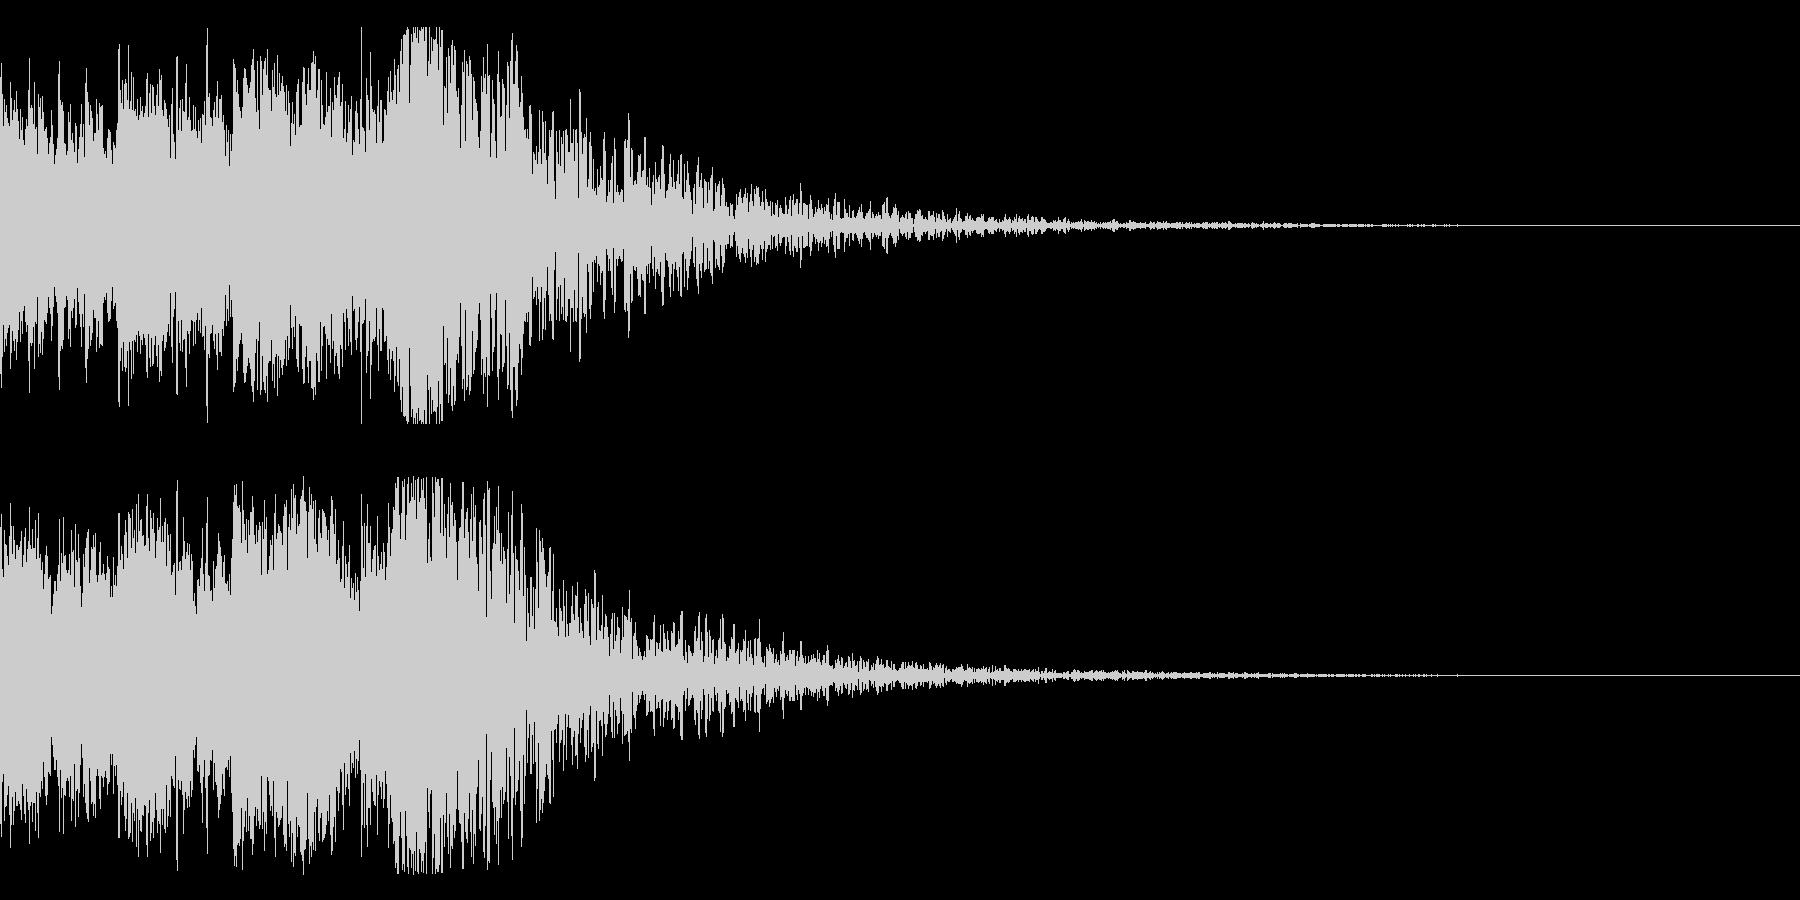 和風 オーケストラヒット ジングル!6bの未再生の波形